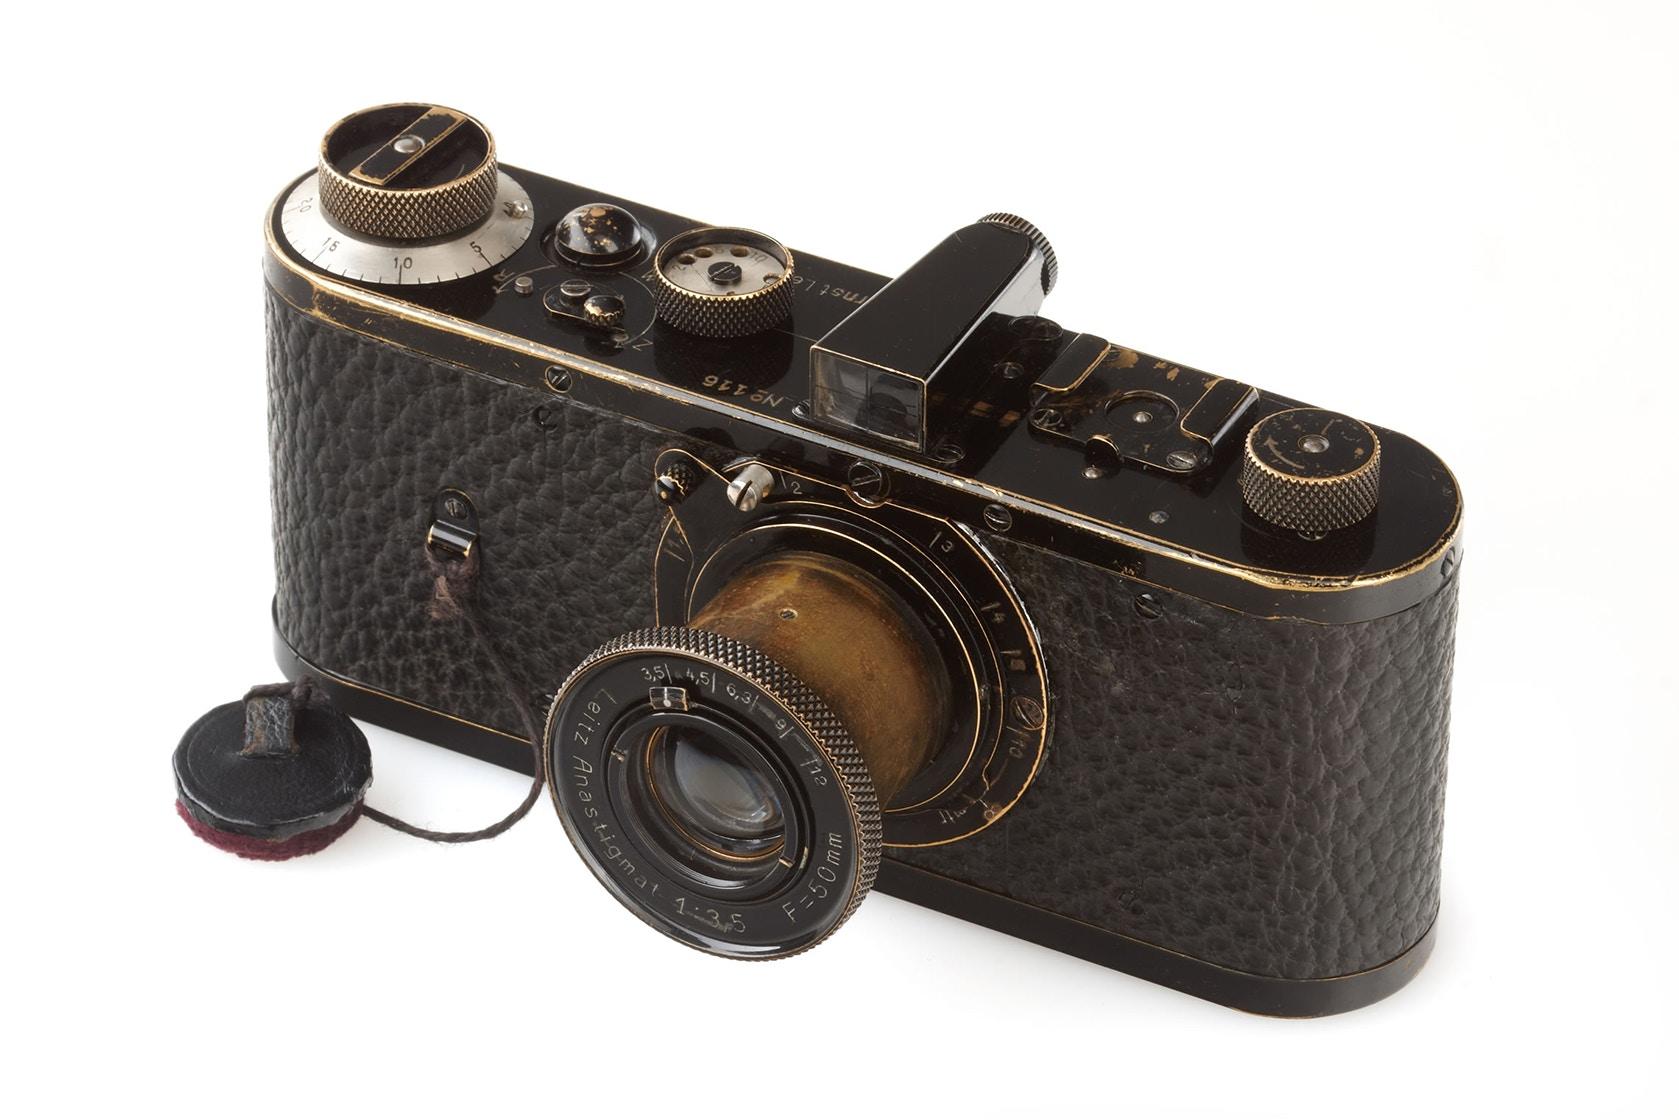 Самый дорогой в мире фотоаппарат продали за $3 миллиона